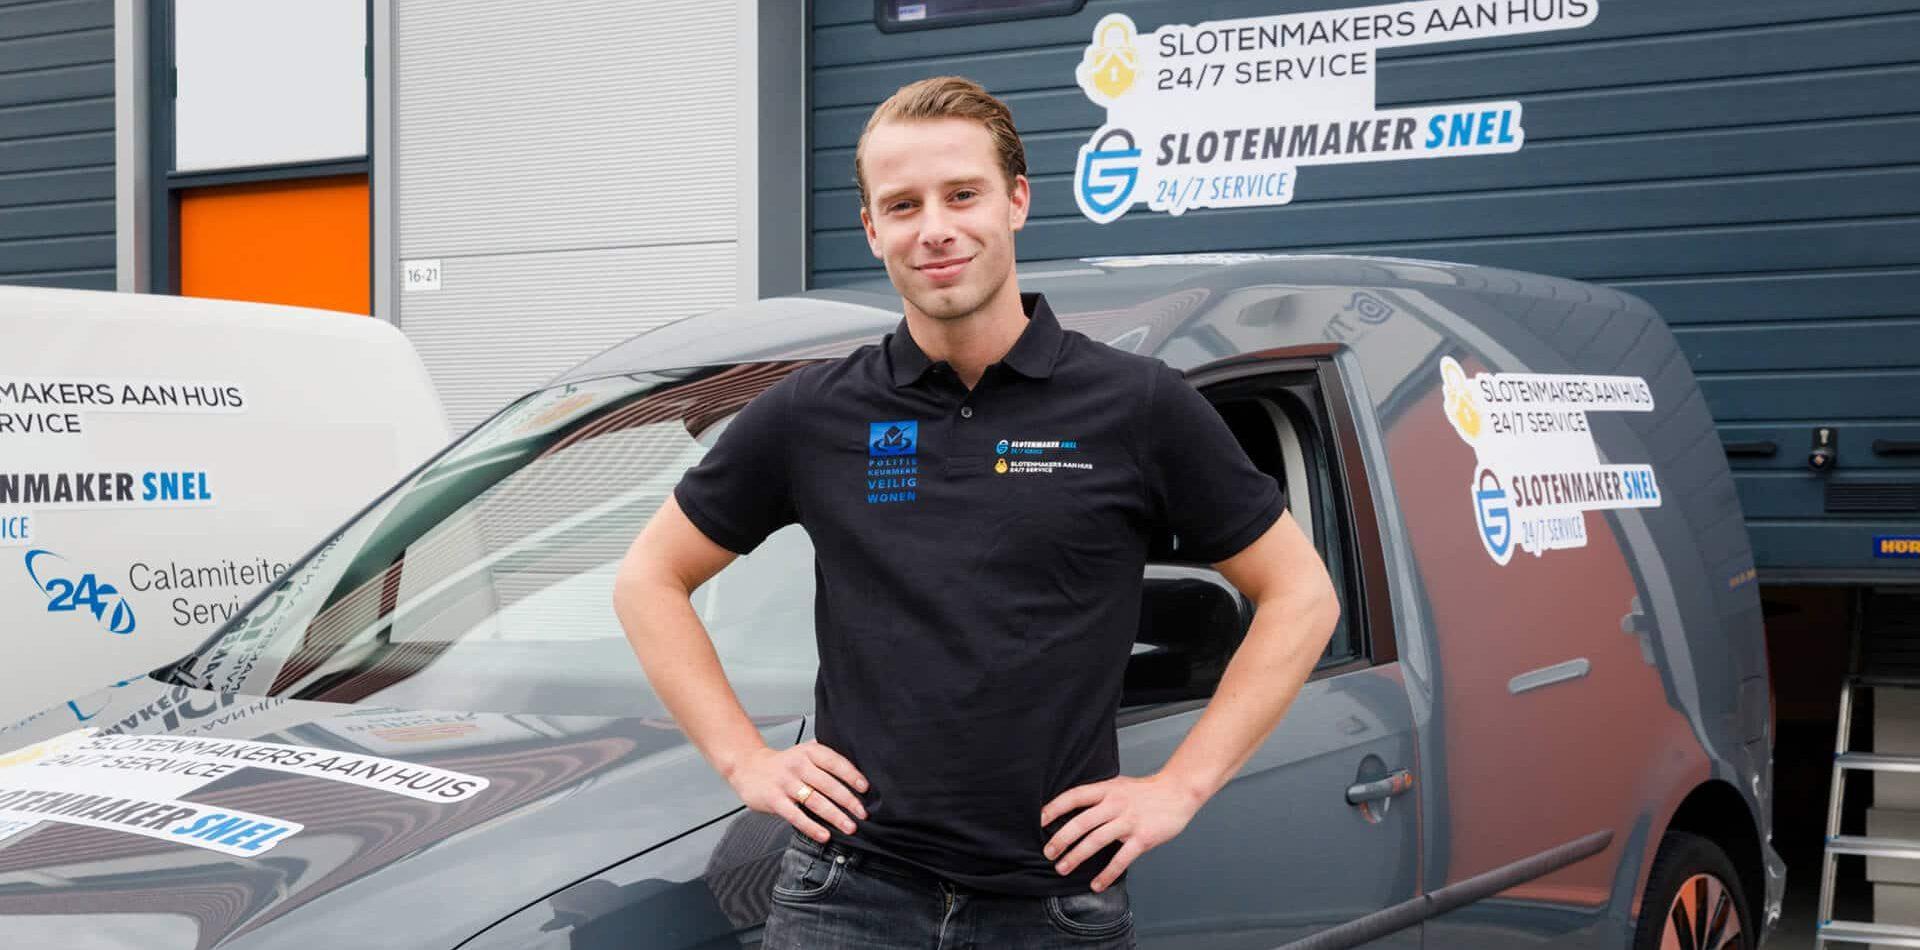 Slotenmaker Hoorn